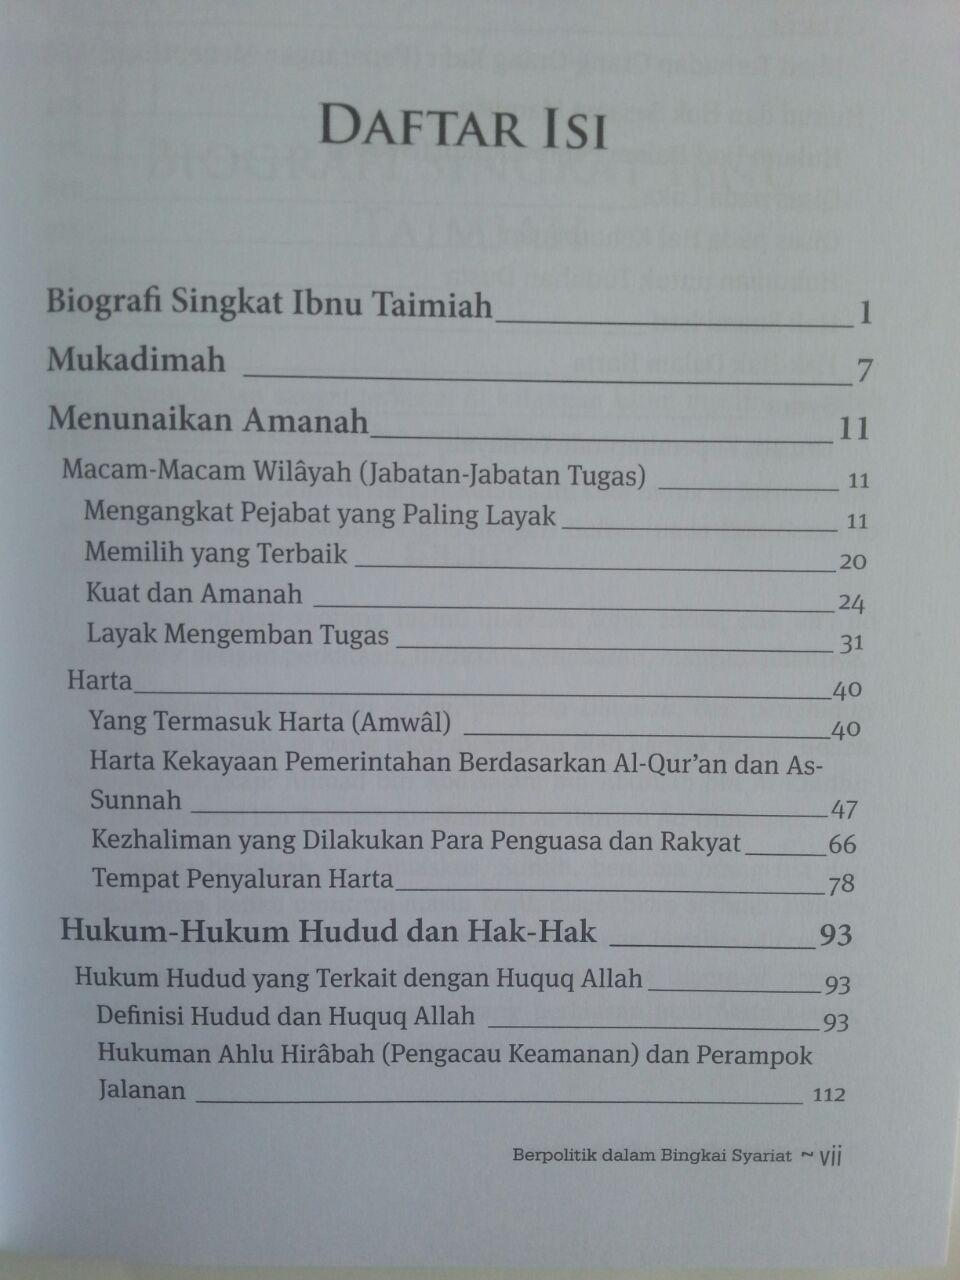 Buku Berpolitik Dalam Bingkai Syariat isi 2